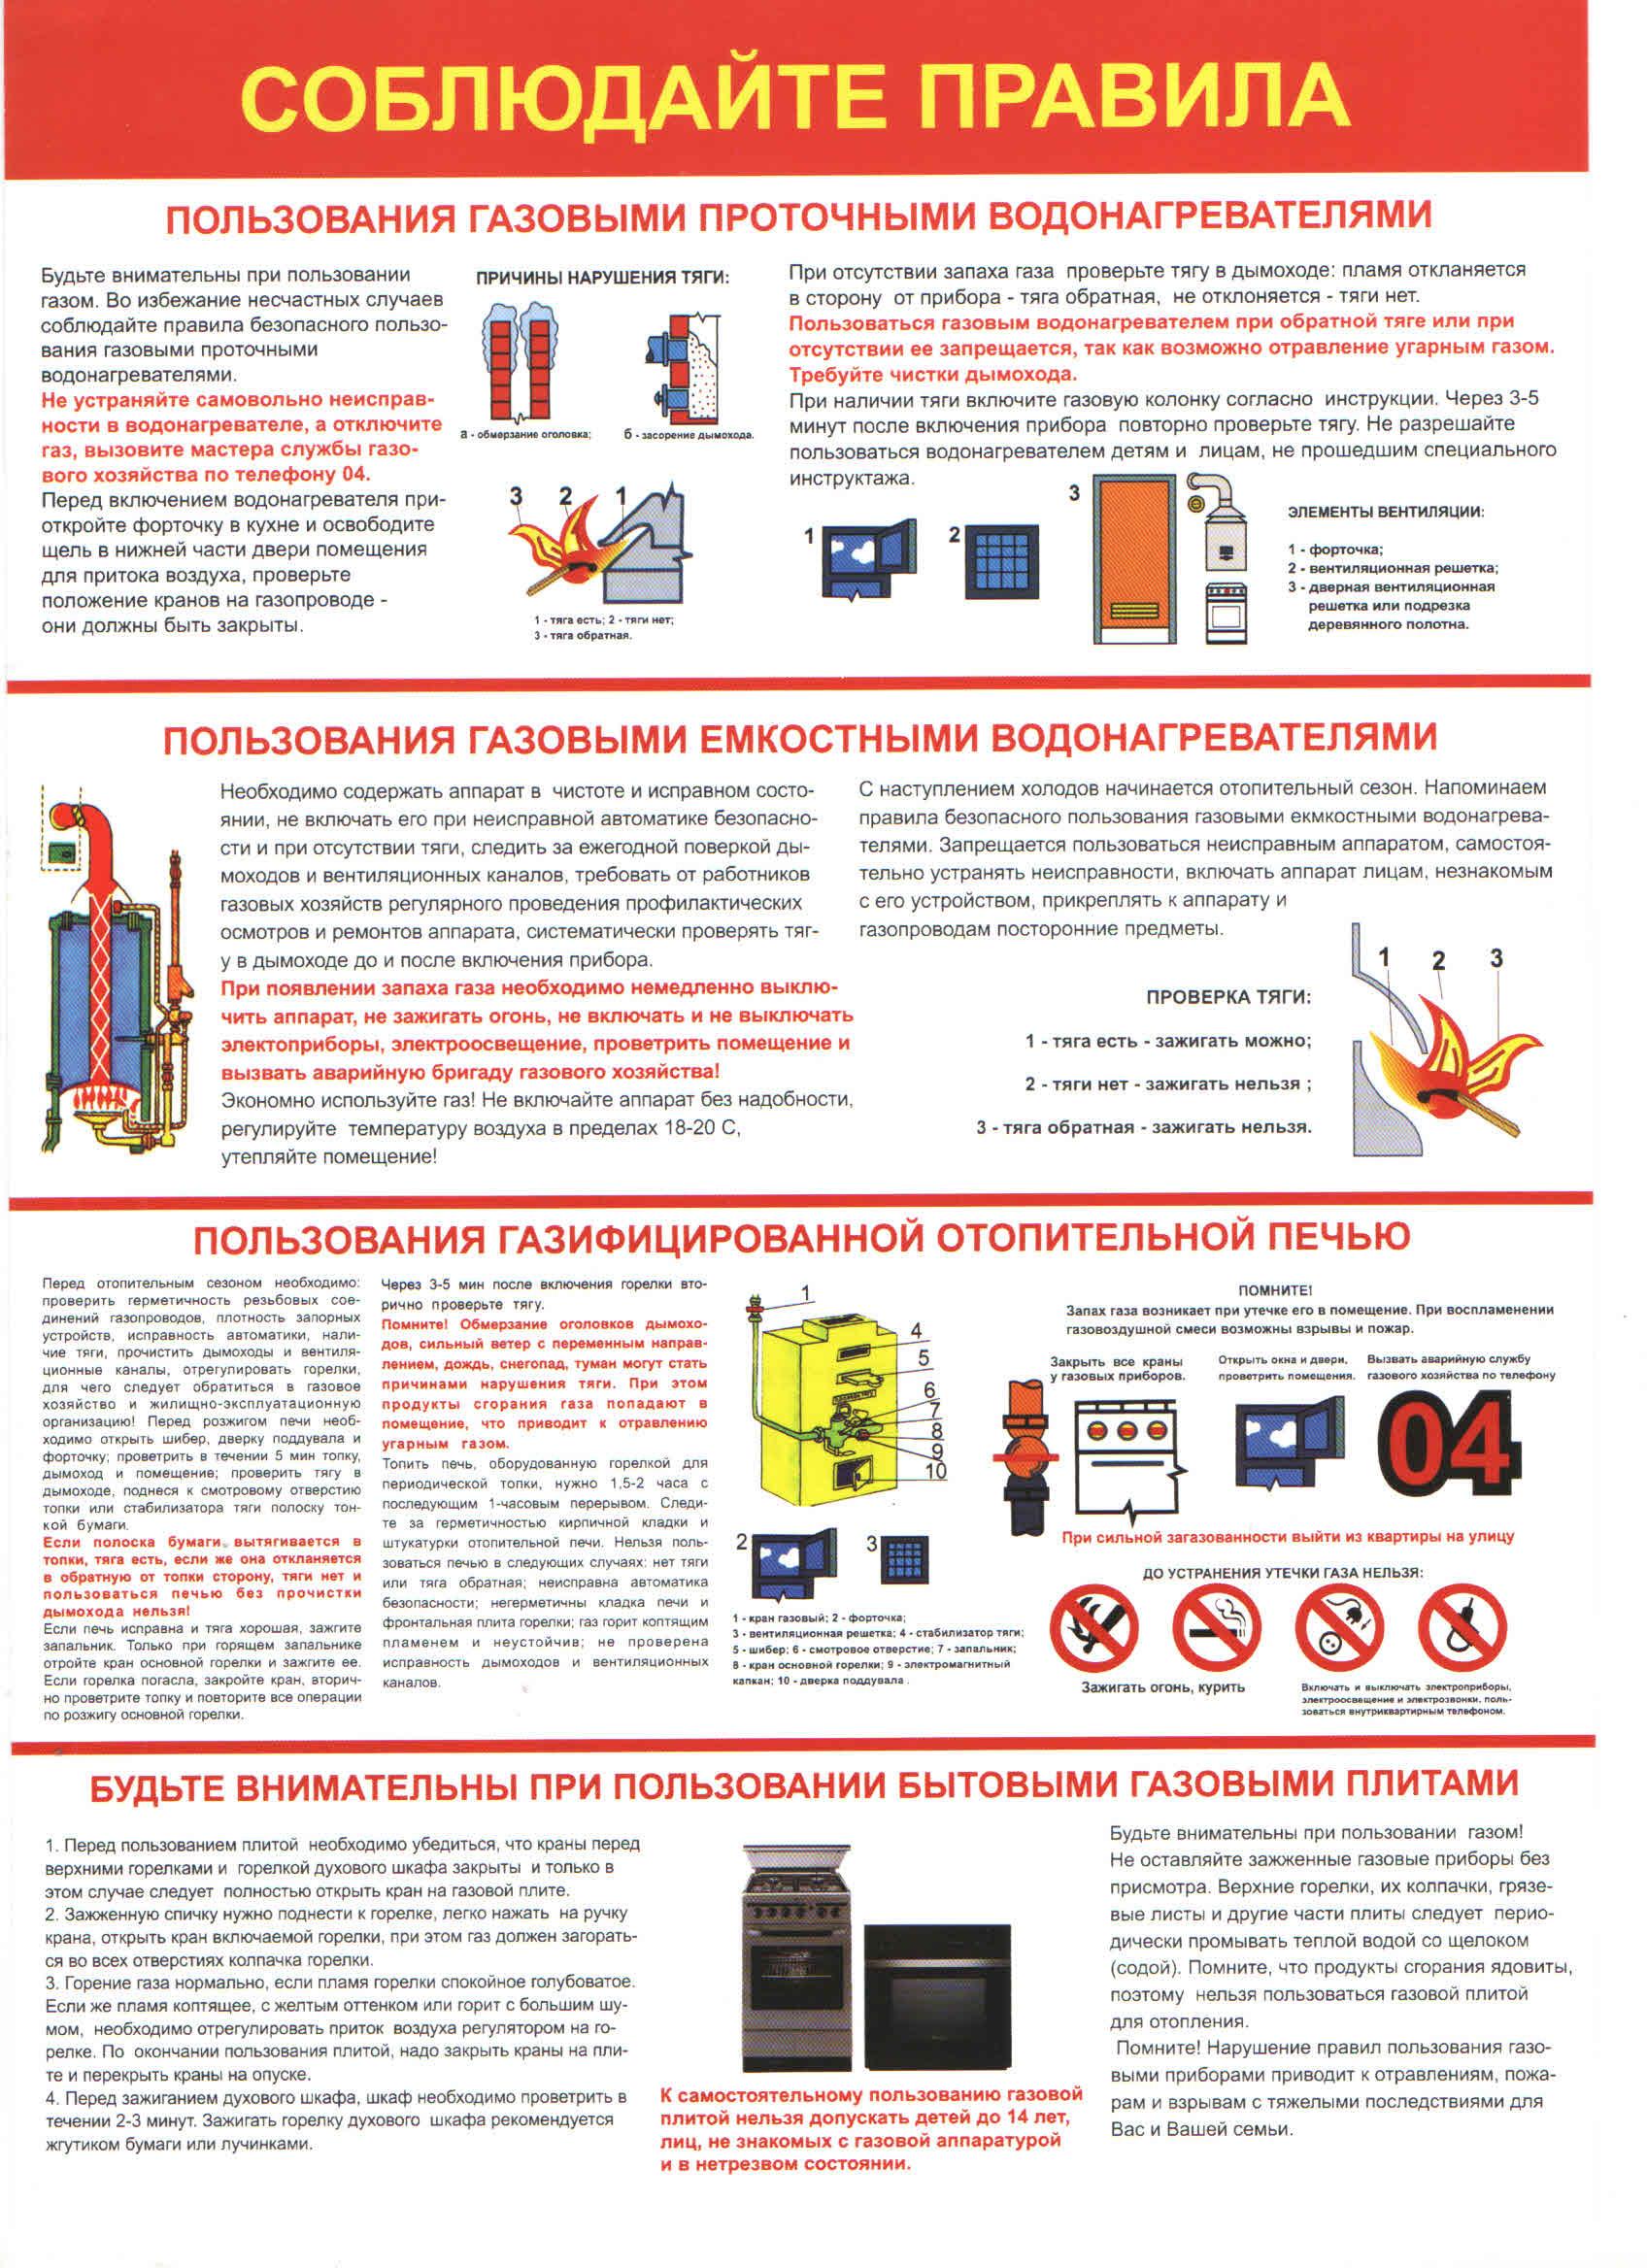 Как правильно зажечь газовую колонку: как запустить и пользоваться, порядок включения разных моделей